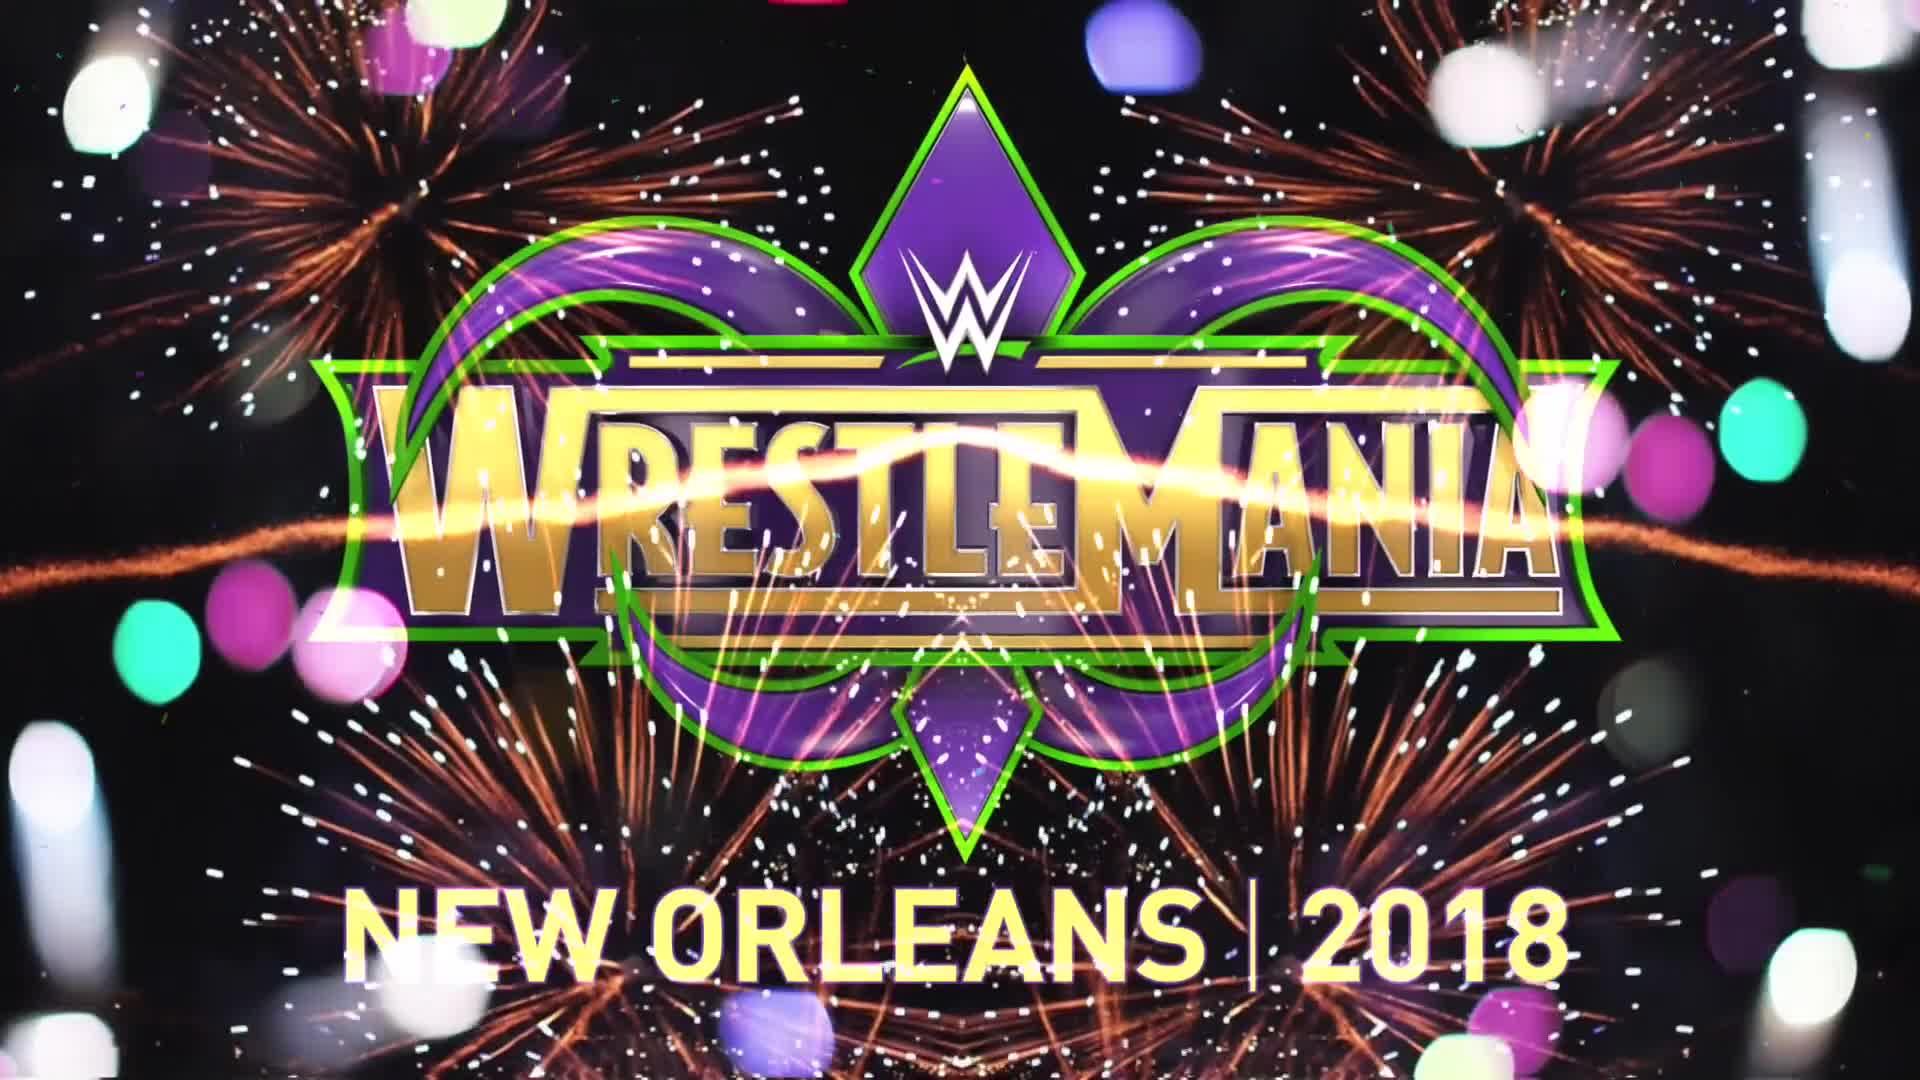 WrestleMania revient à la Nouvelle-Orléans l'année prochaine